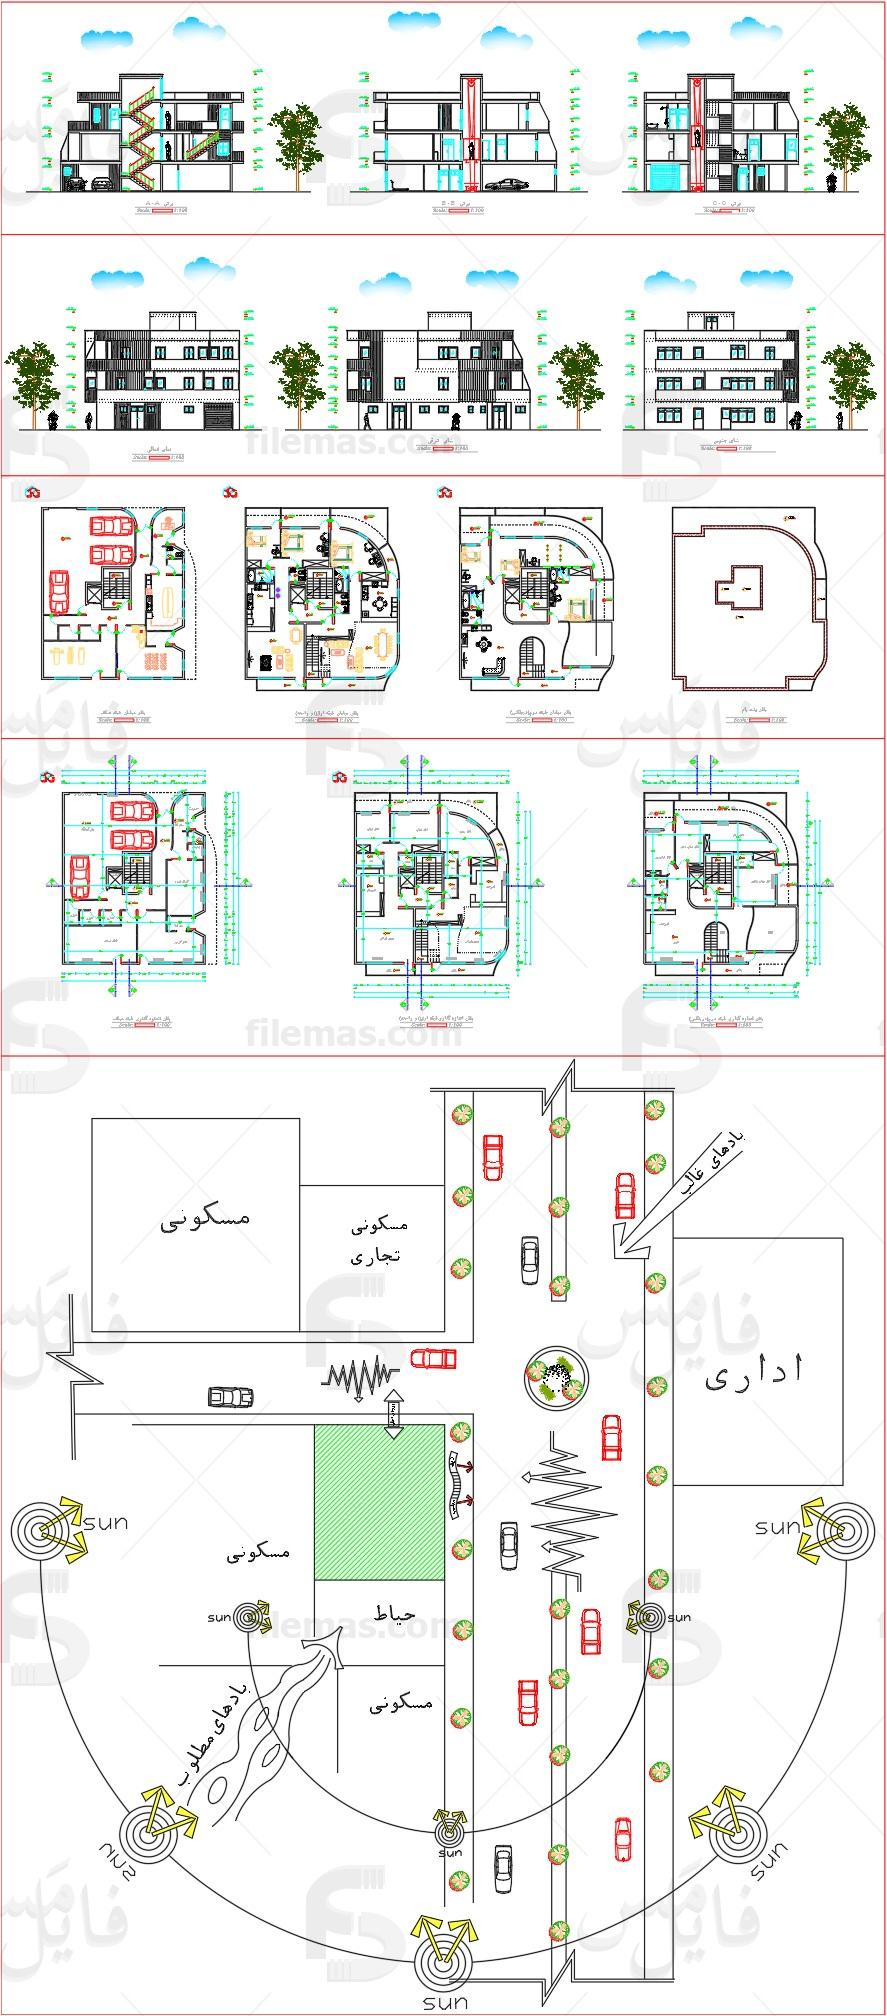 پروژه طرح 2 پلان معماری ساختمان مسکونی دوبلکس